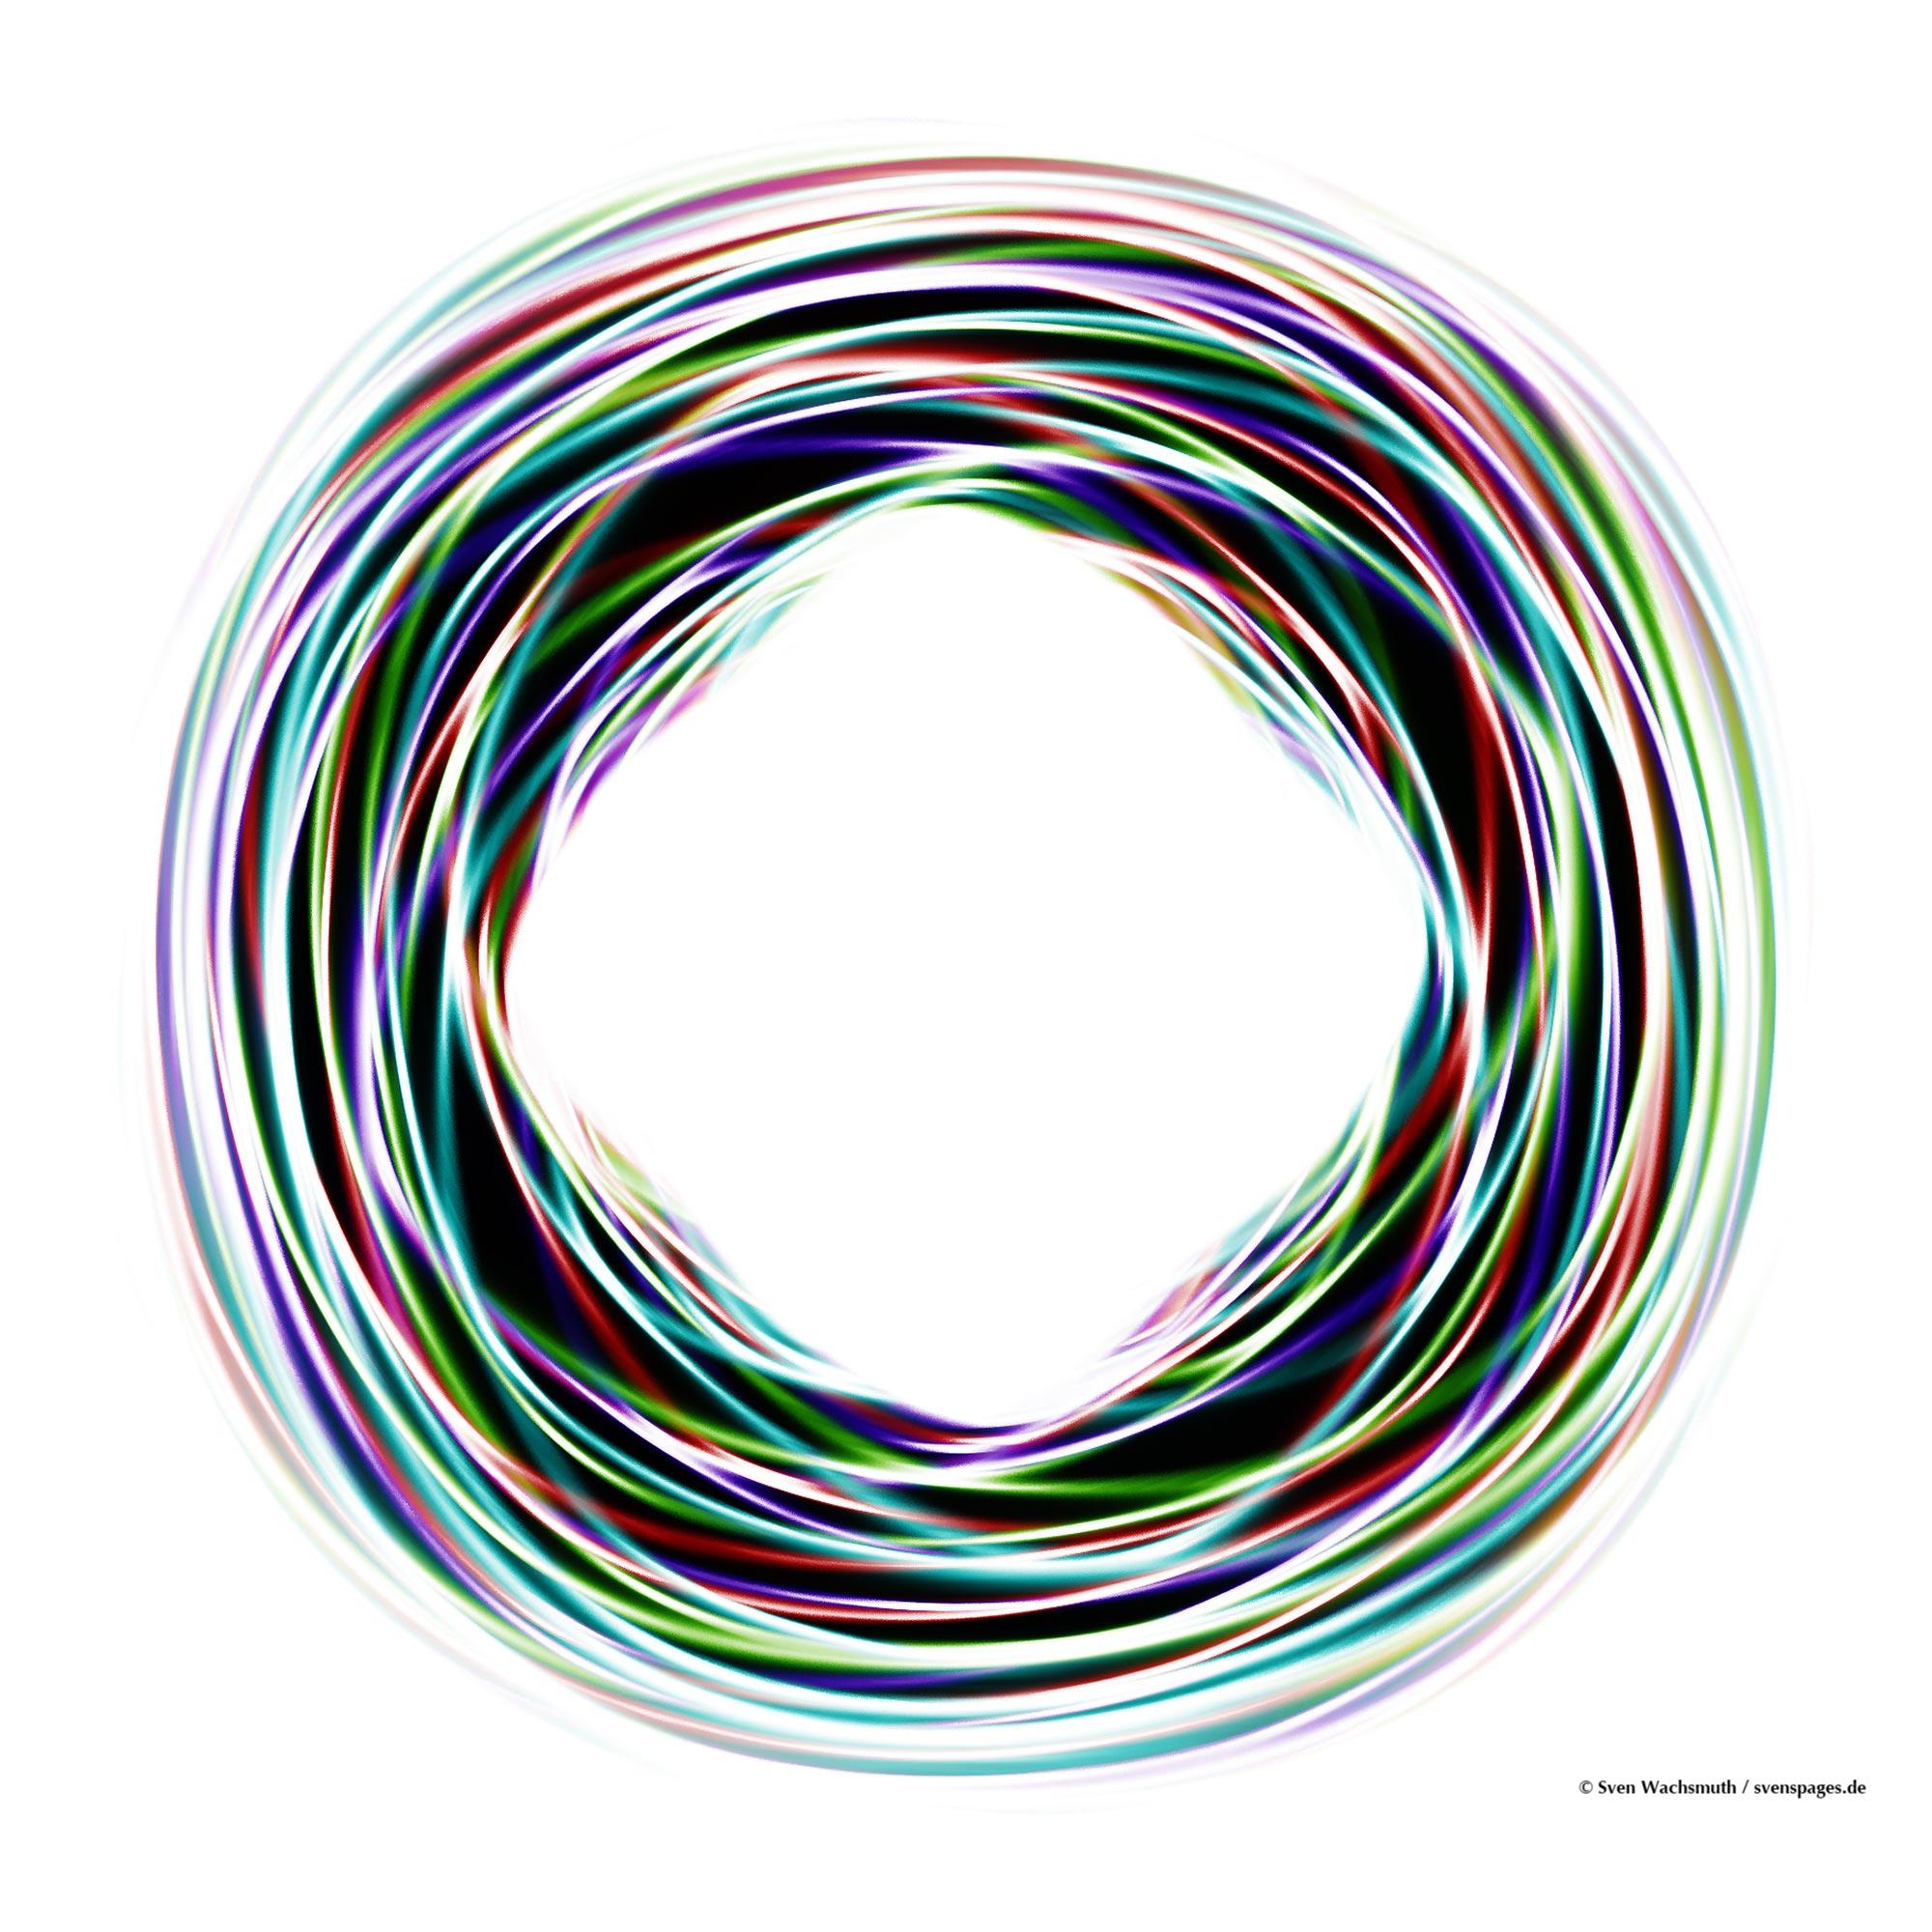 2008-01-12-the-circle